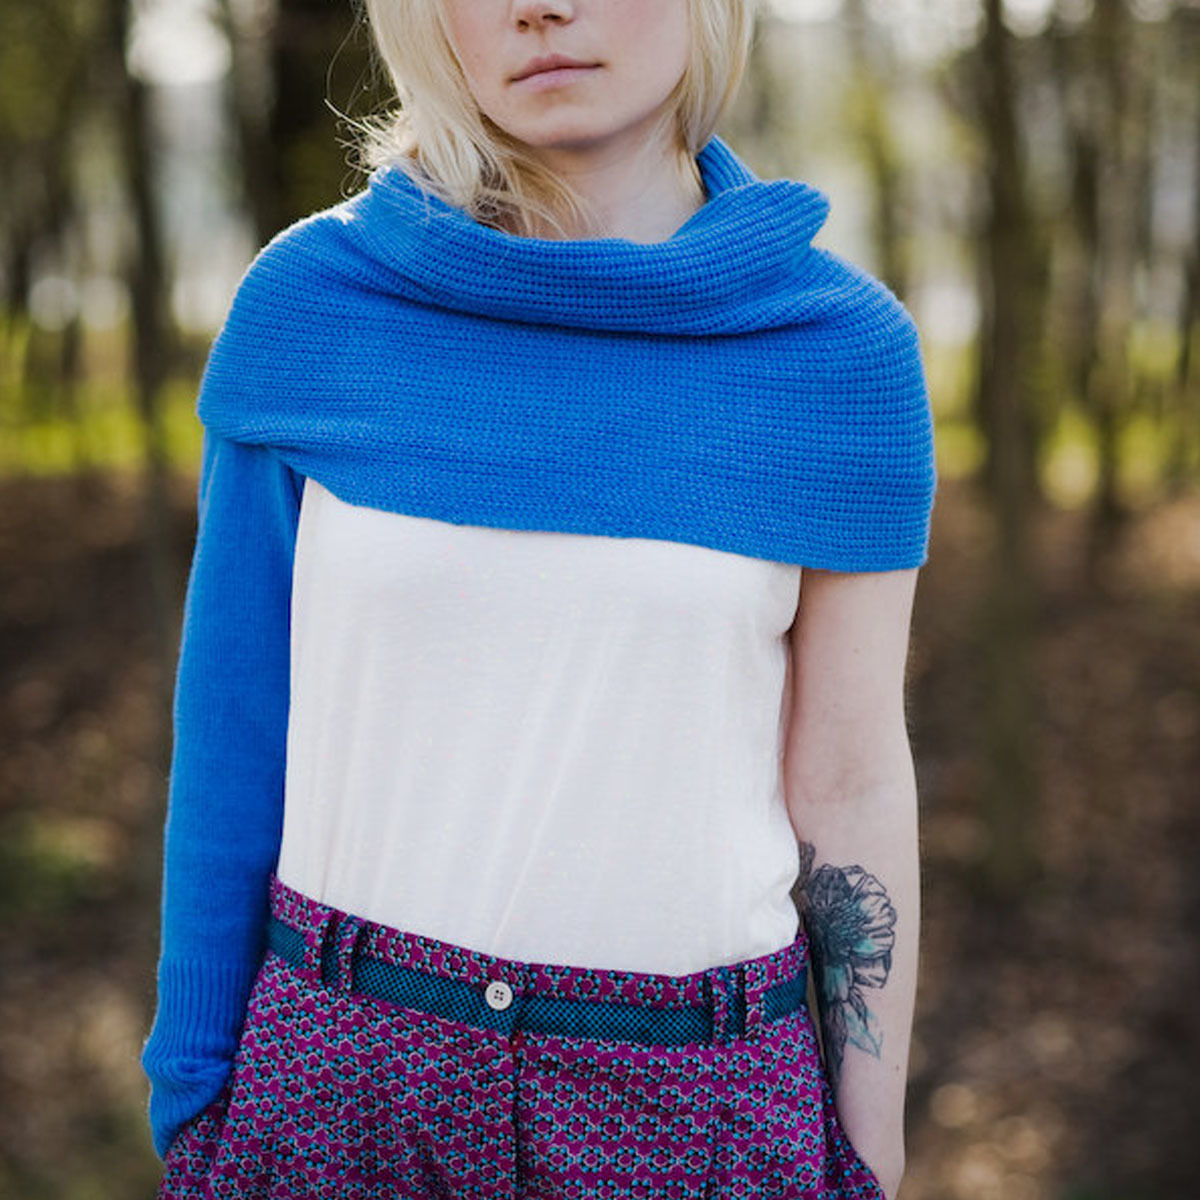 celapiu Cornflower Neverending Sleeves   矢車菊のブルー - 使い方いろいろな片袖ニット